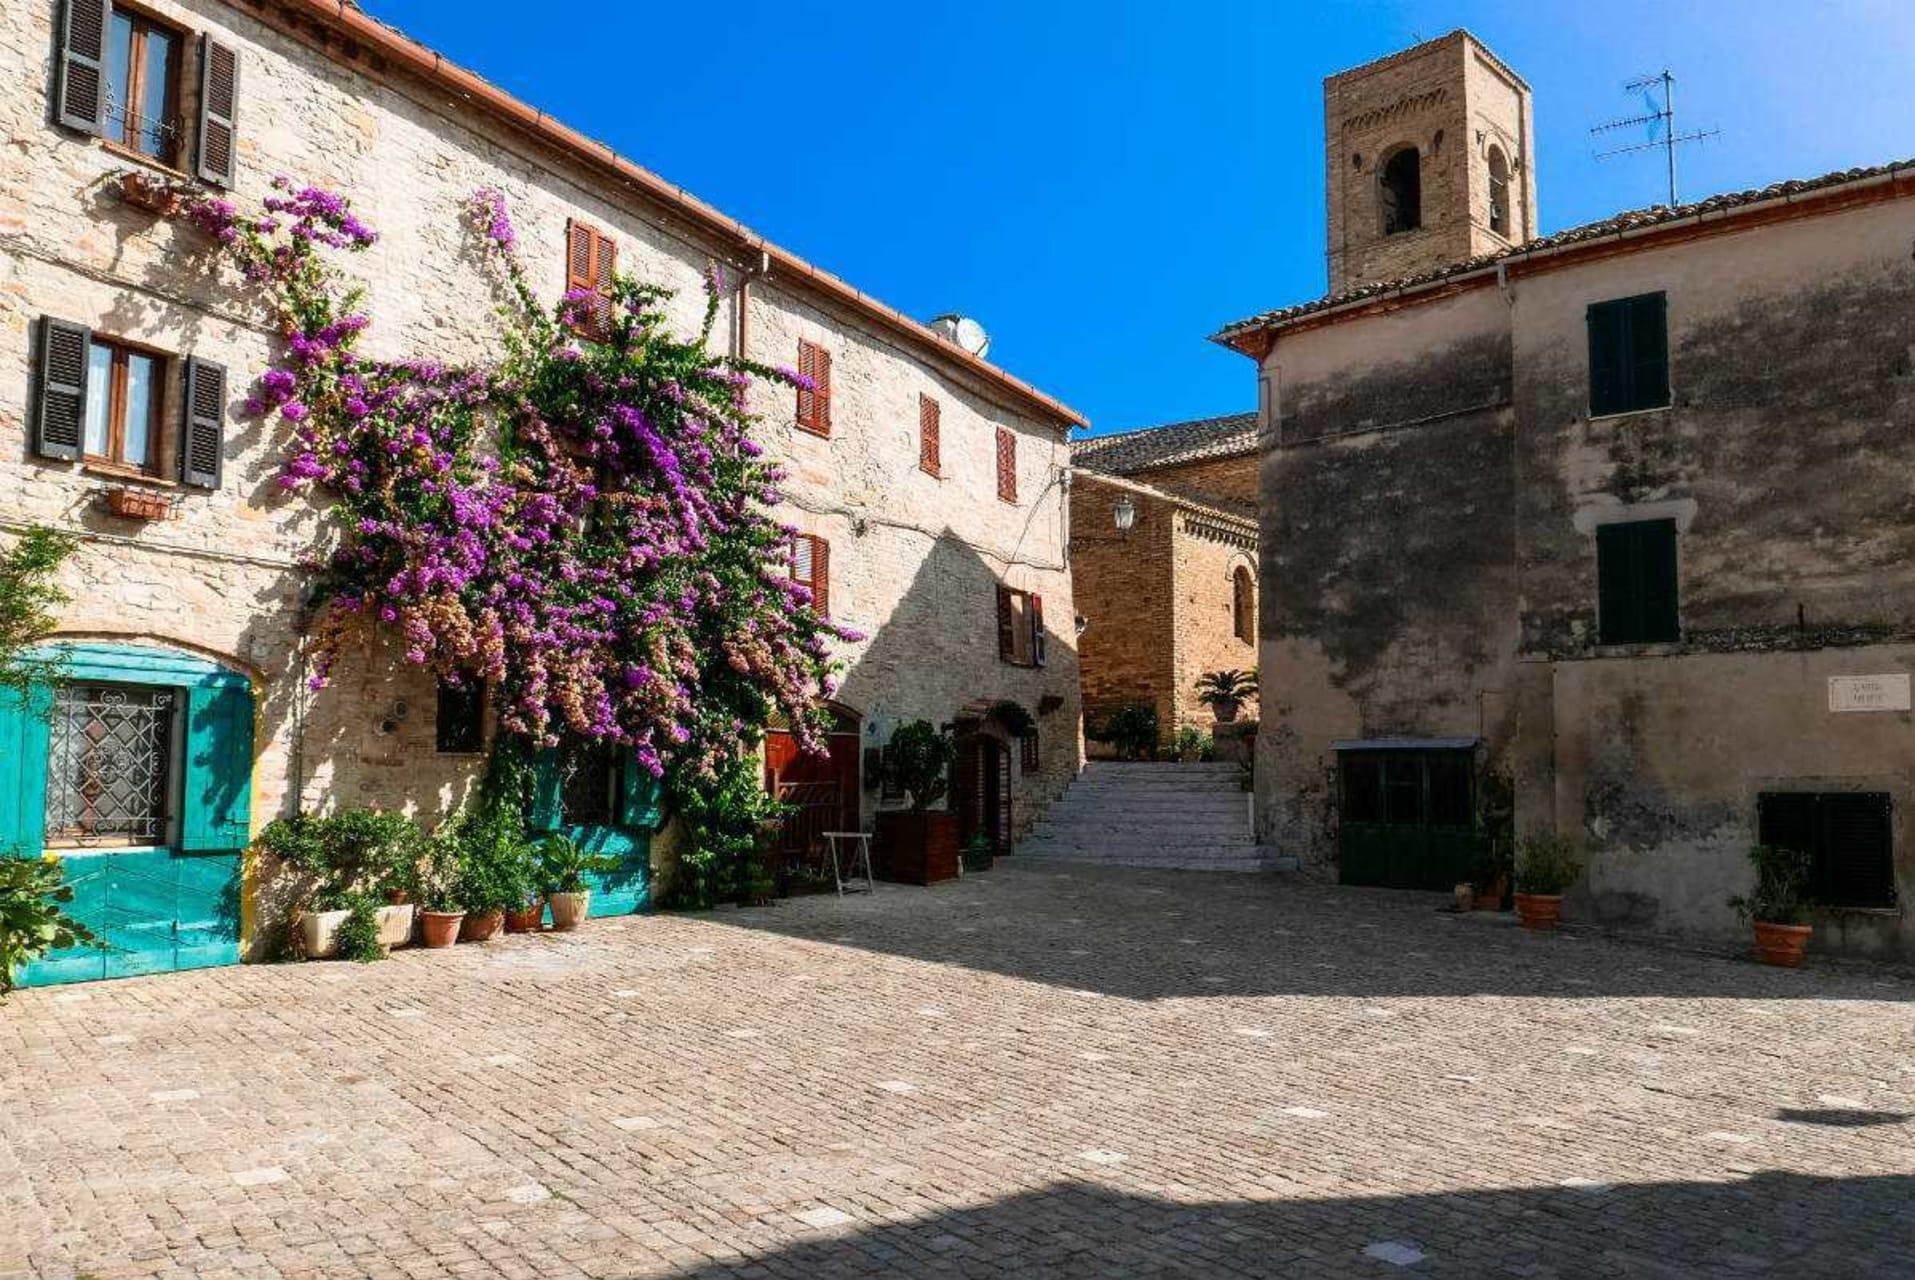 Marche - Torre di Palme, a true hidden gem on the Adriatic sea